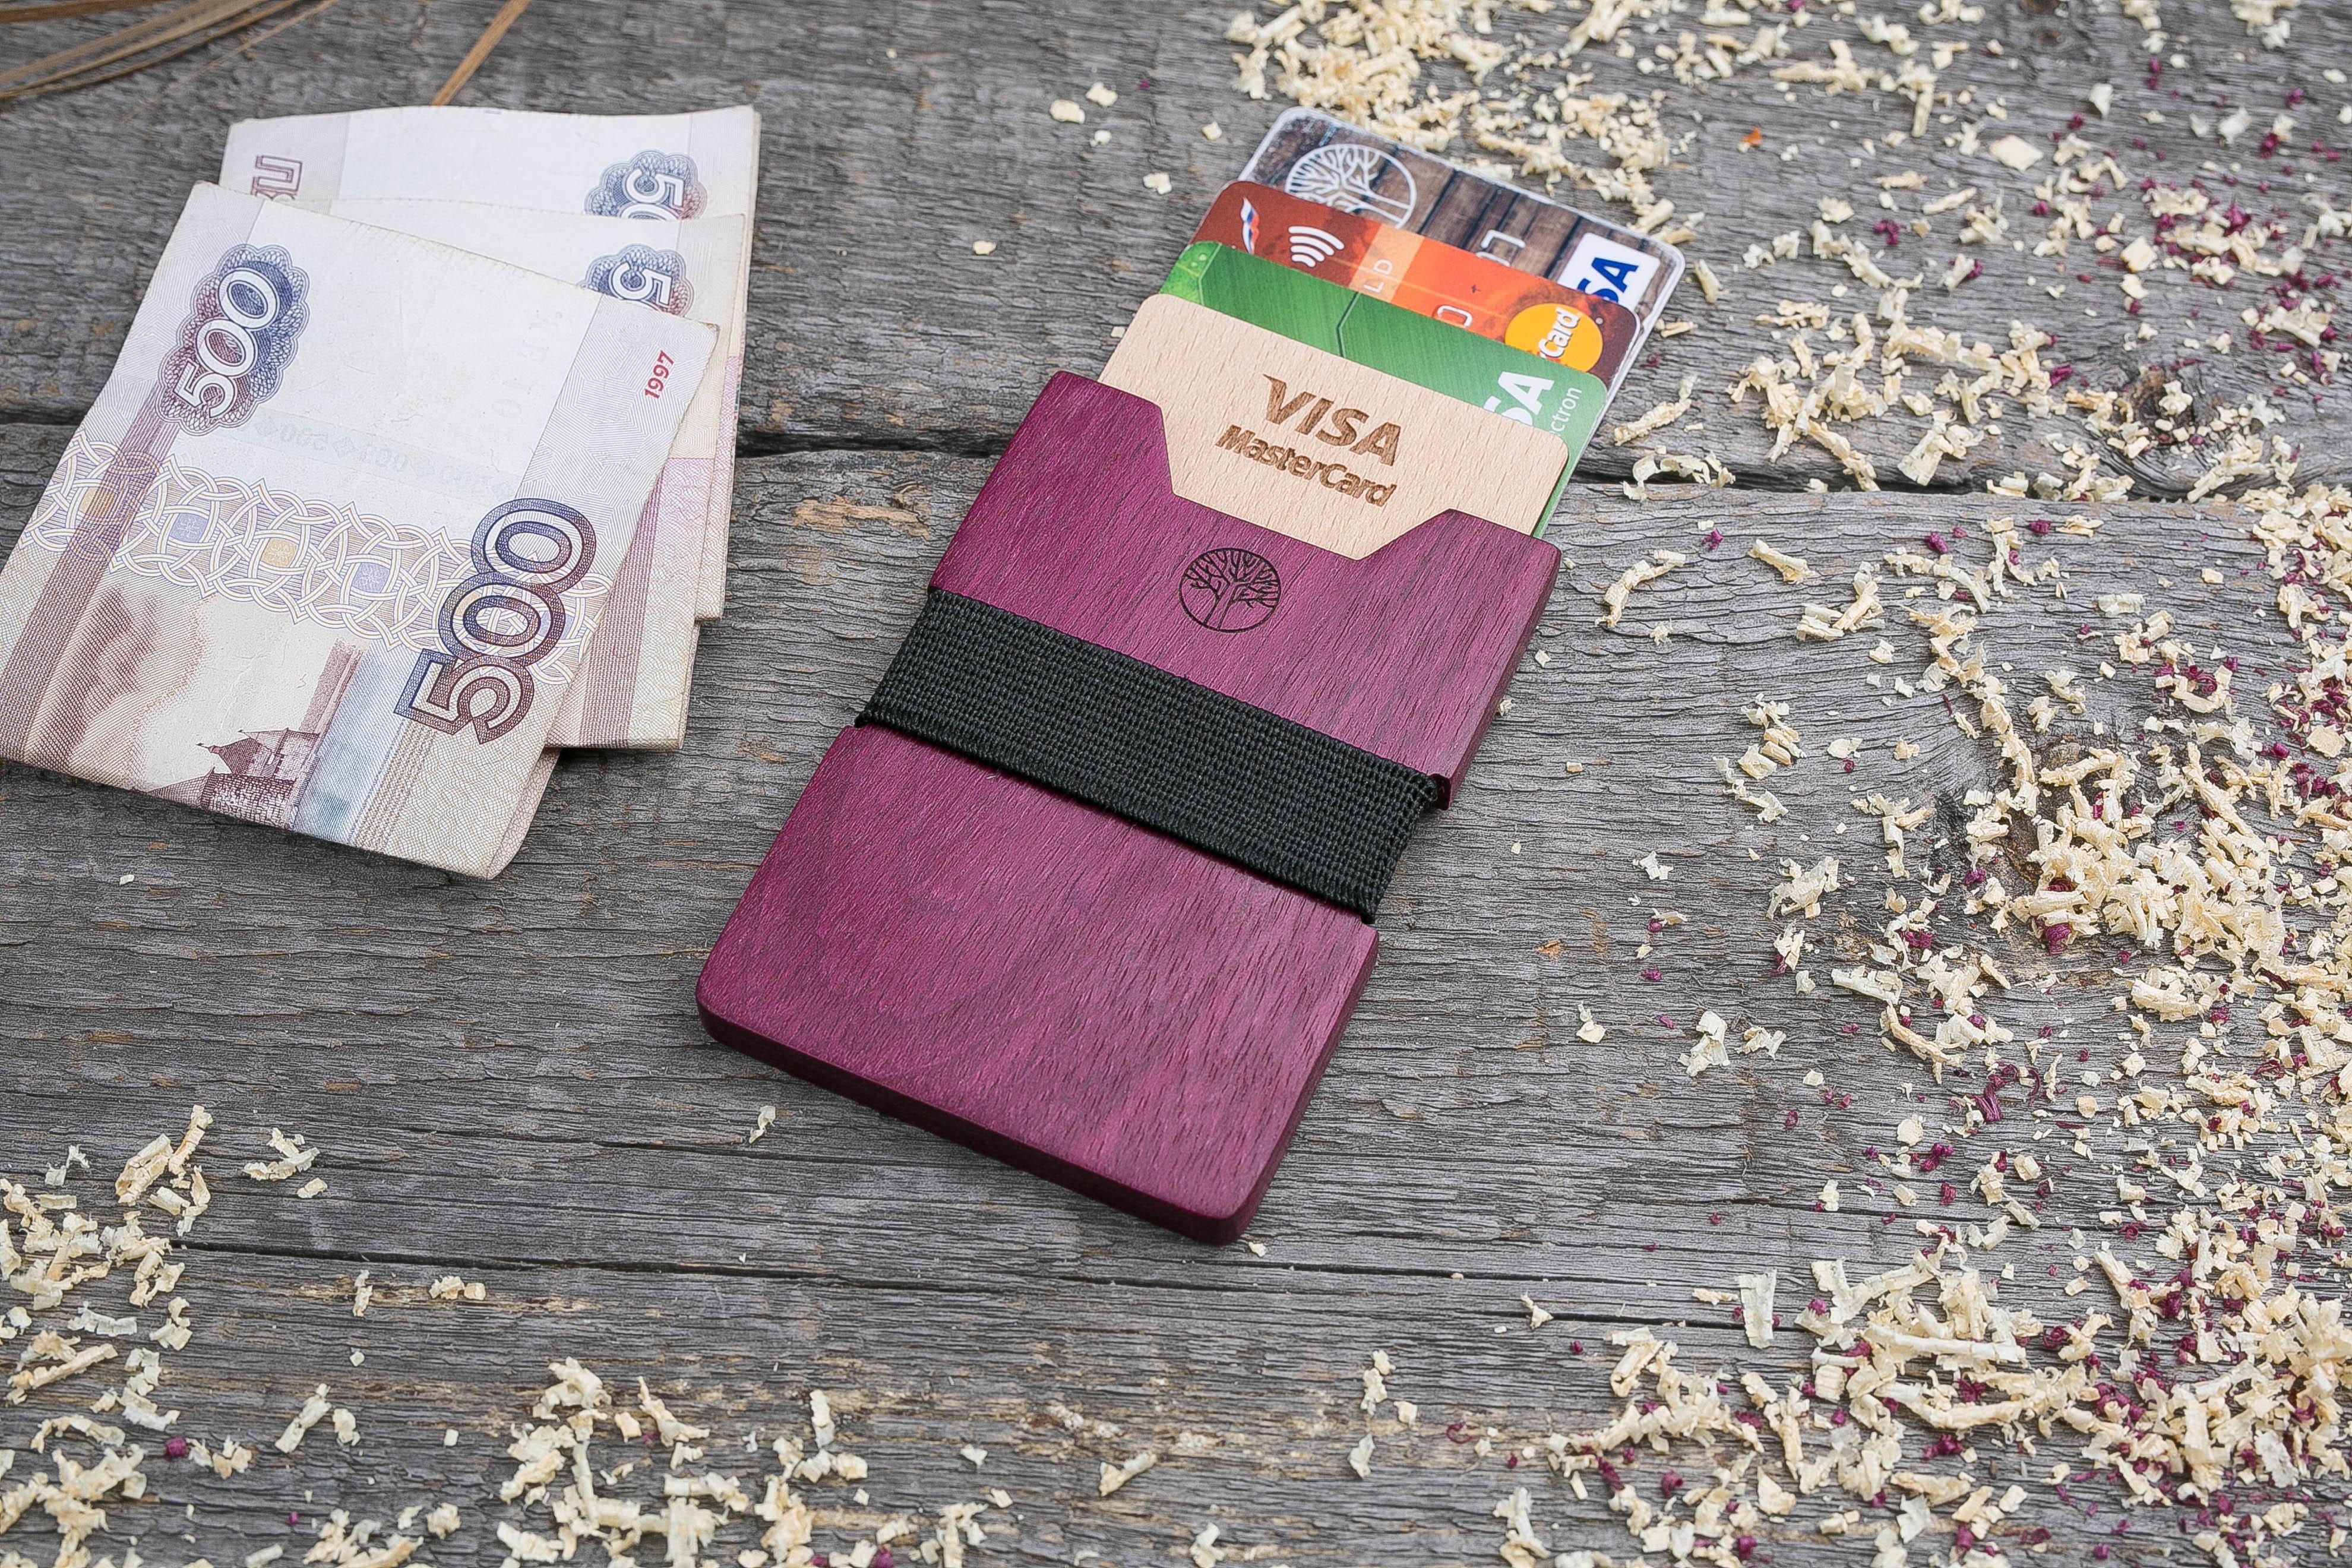 Деревянный кошелек из амаранта. Вертикальная загрузка. Для 1-6 пластиковых карт и купюр. Поддержка Apple Pay. Гравировка имени или логотипа. Бизнес сувенир. Подарок другу. Именной кошелек